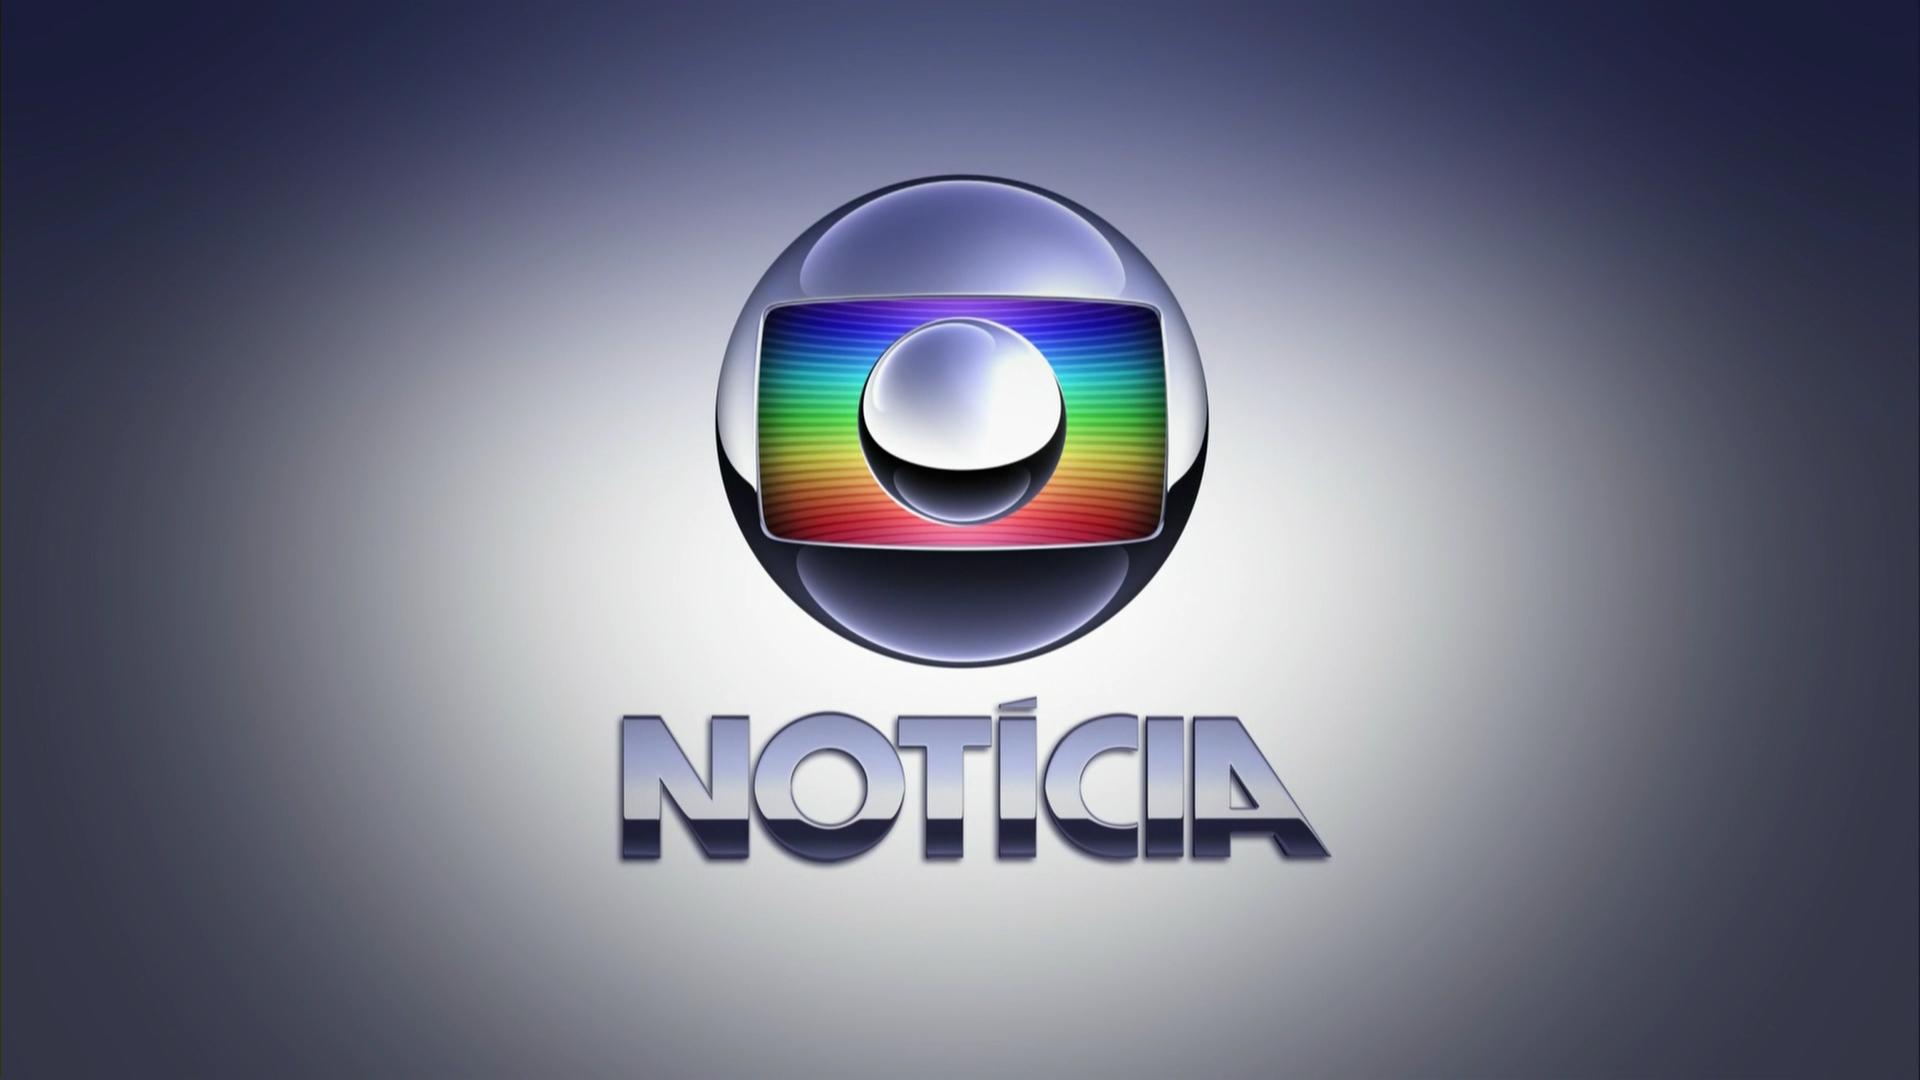 Globo Notícia | Rede Globo Logopedia 2 Wiki | FANDOM powered by Wikia